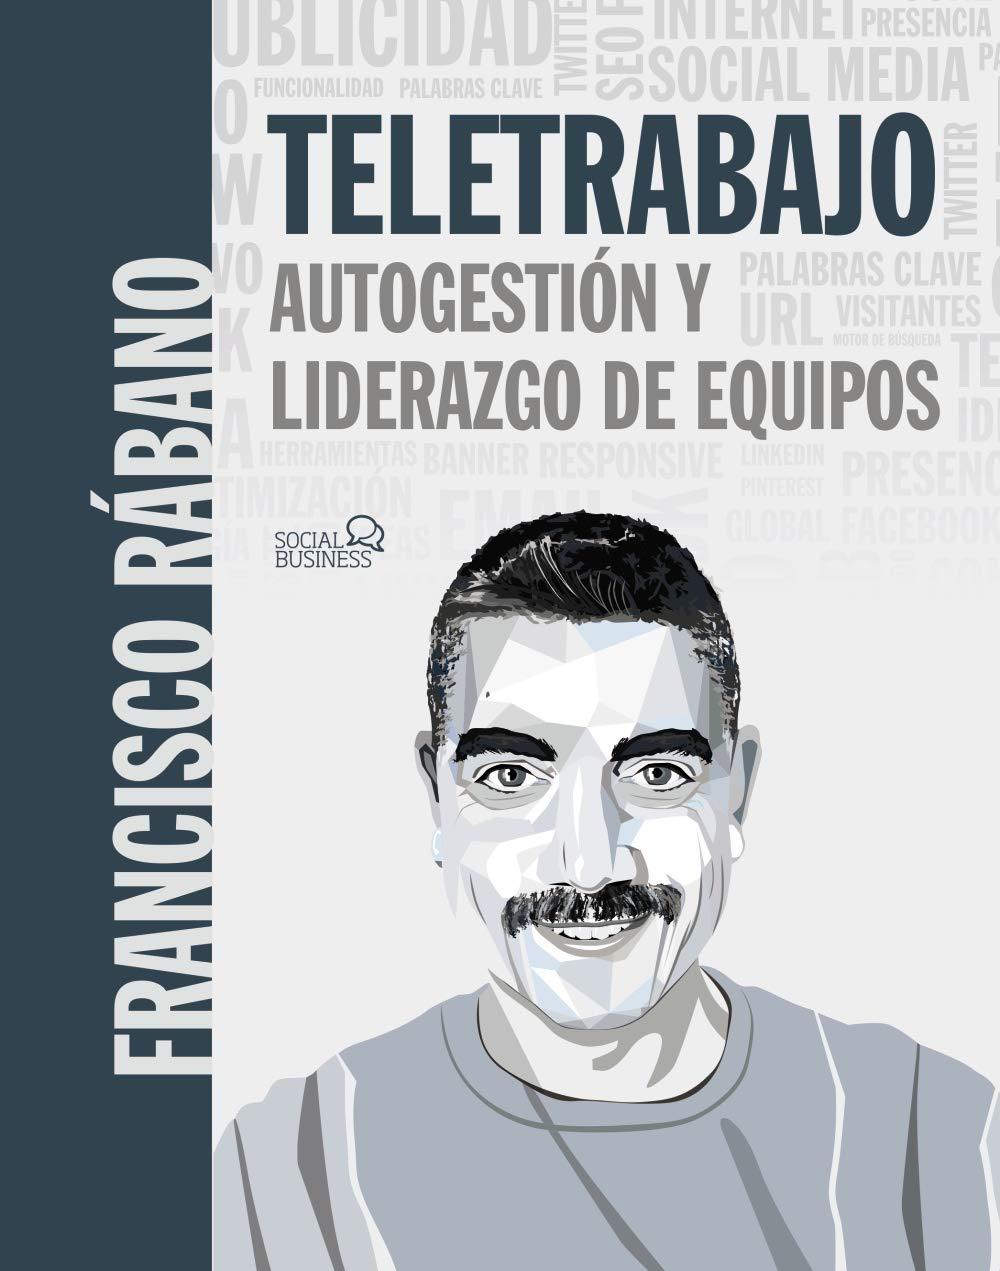 Libros para leer en verano - Teletrabajo, de Francisco Rábano